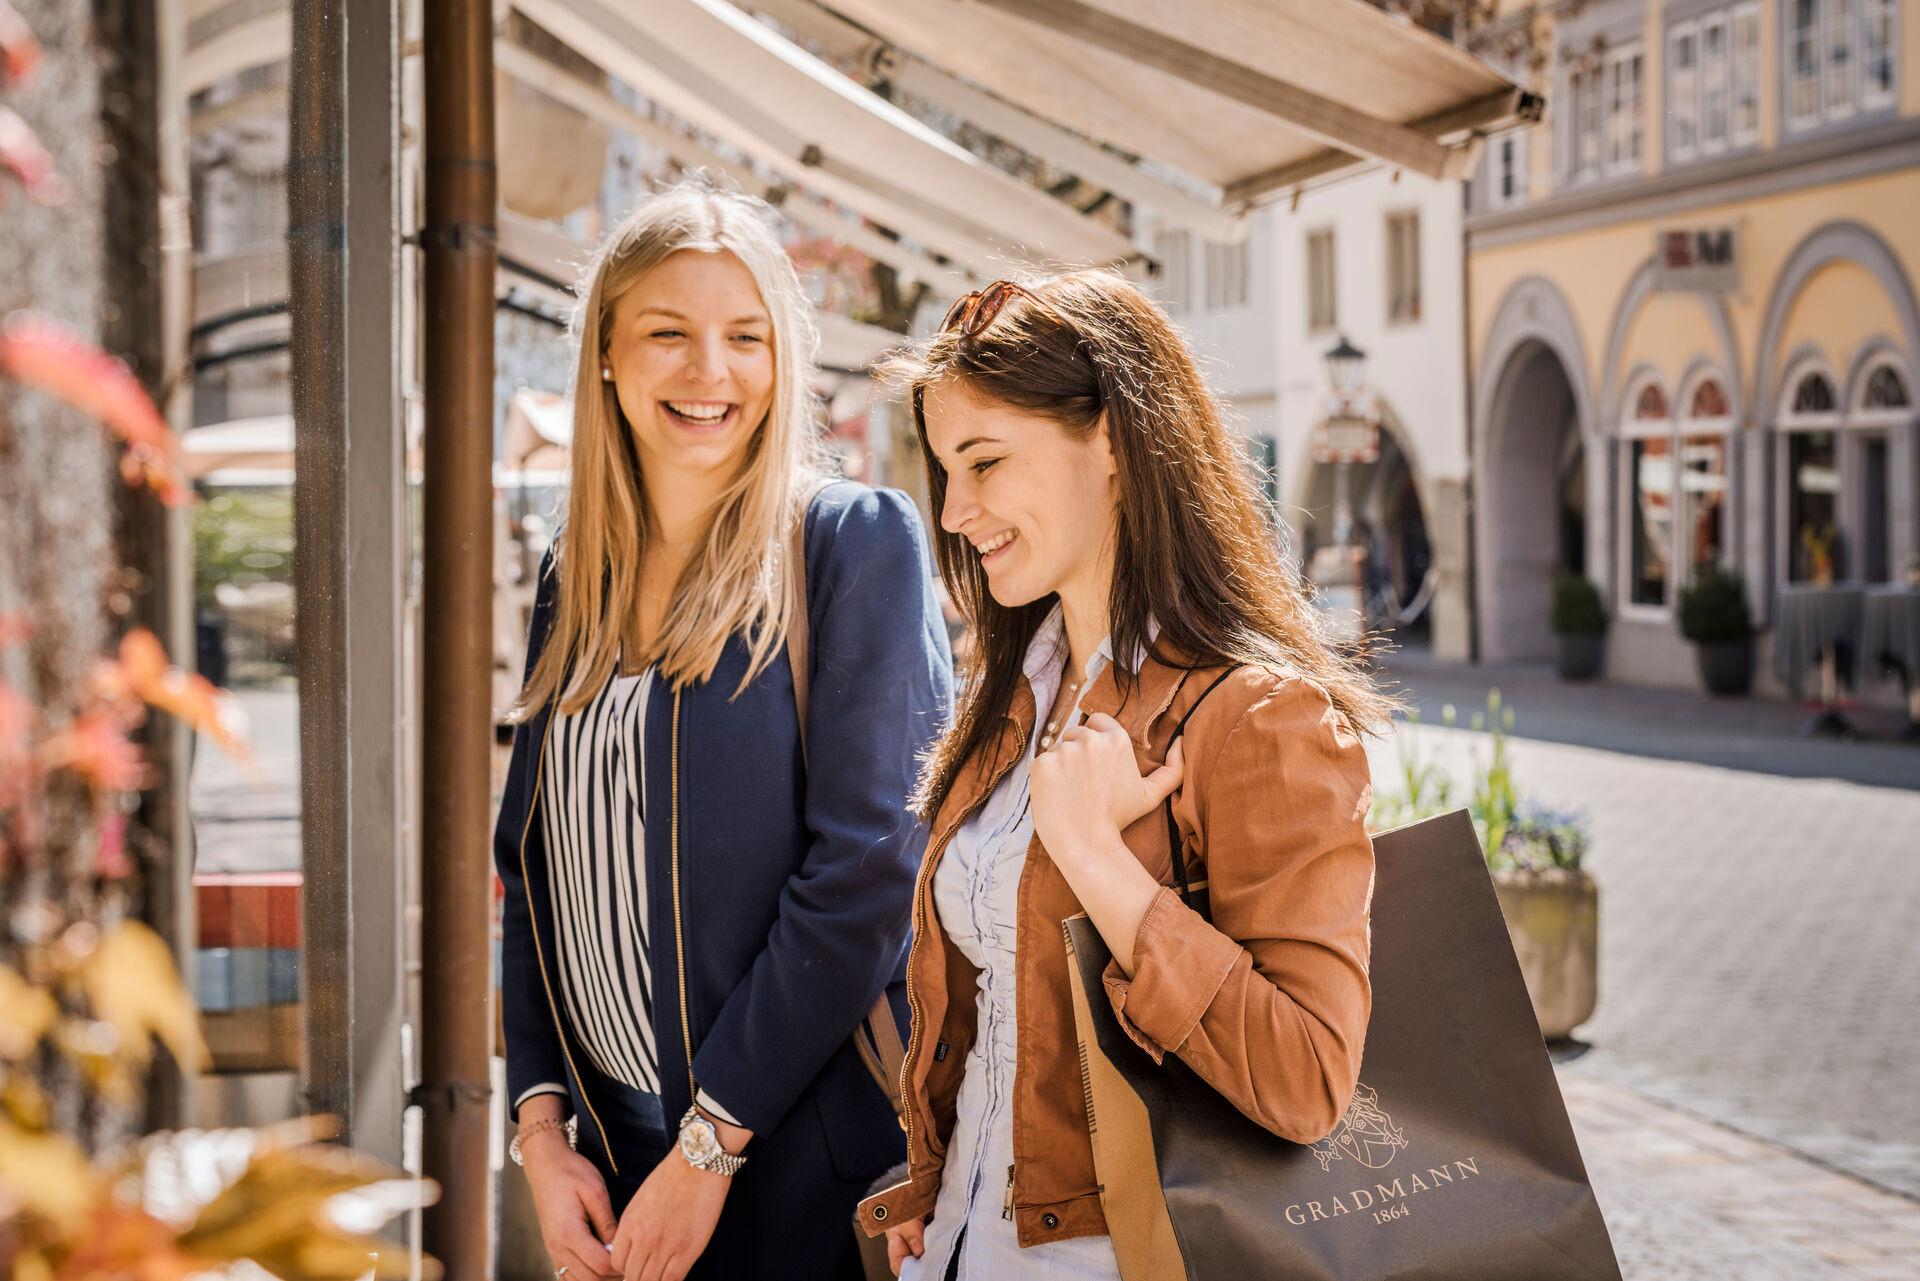 Shopping in Konstanz – Einkaufsspaß in historischem Ambiente